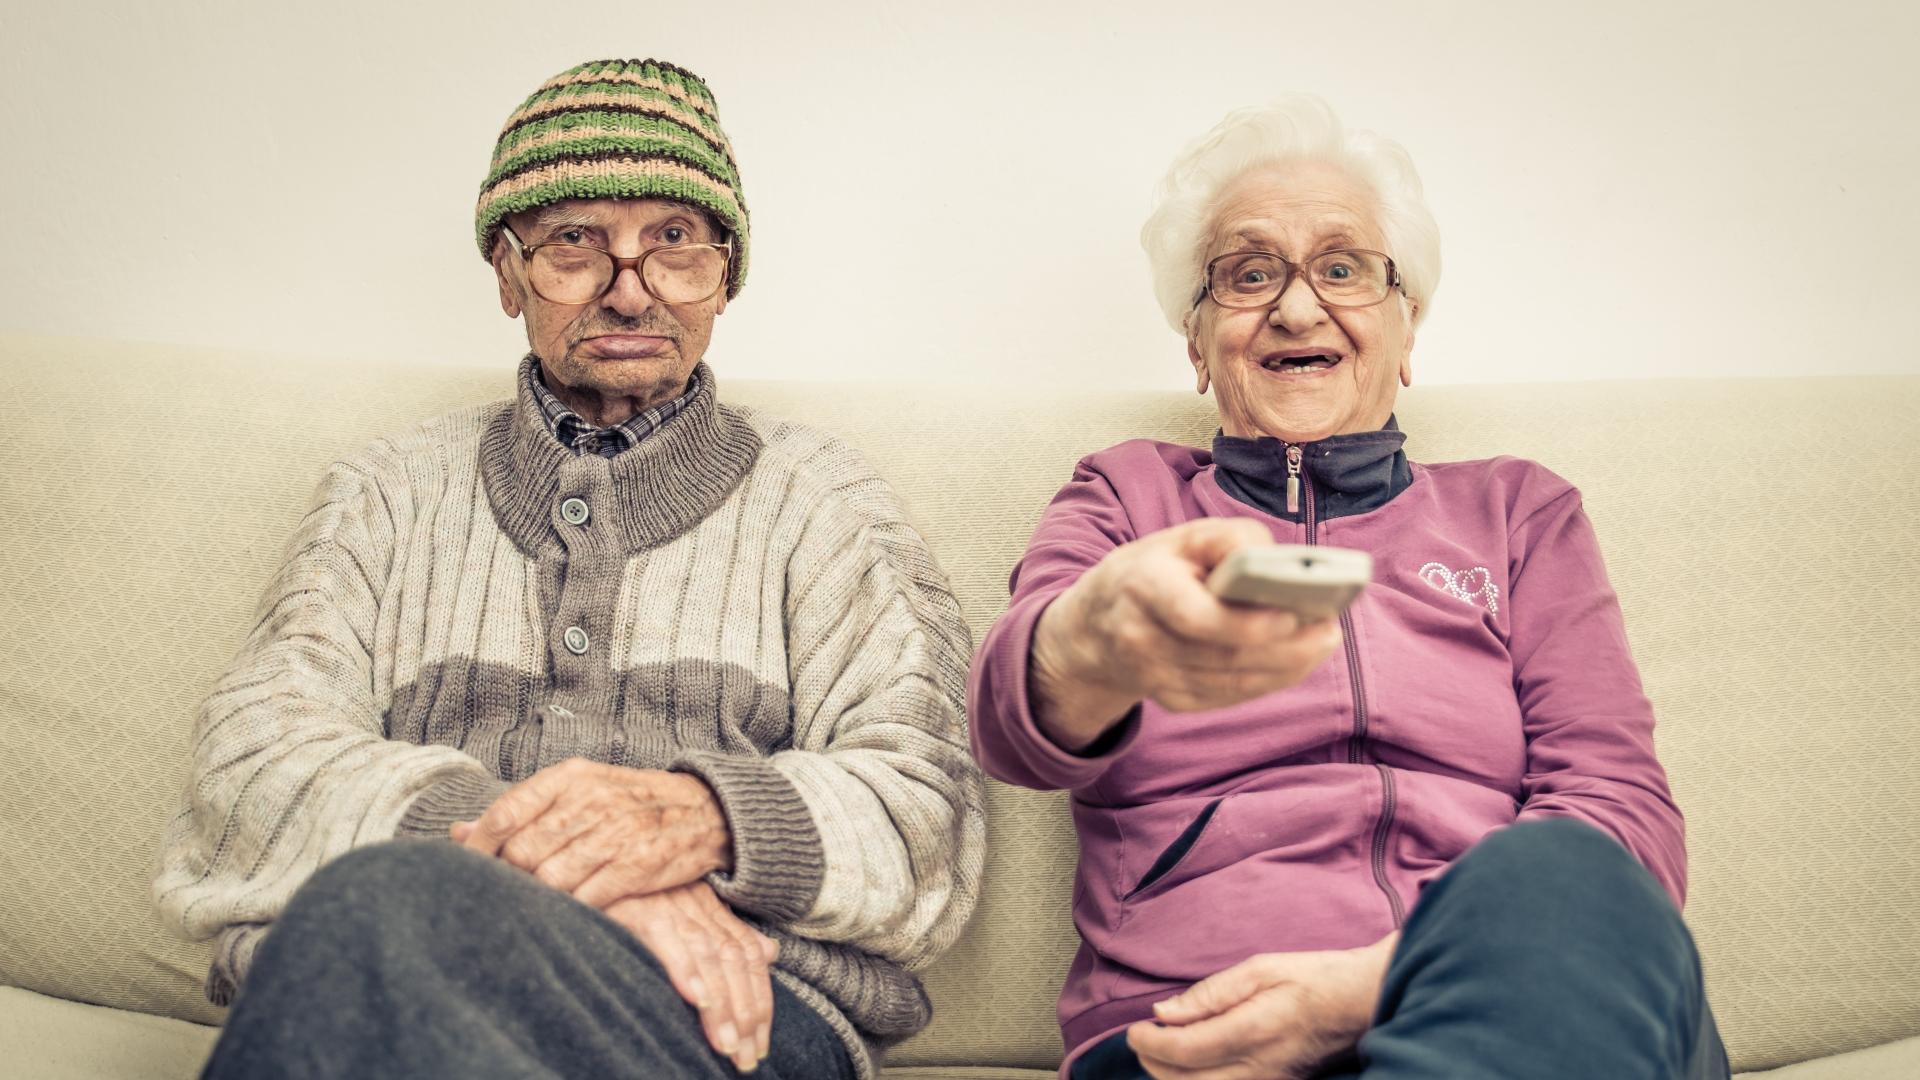 Престарелые любители телевизора отличились плохой памятью